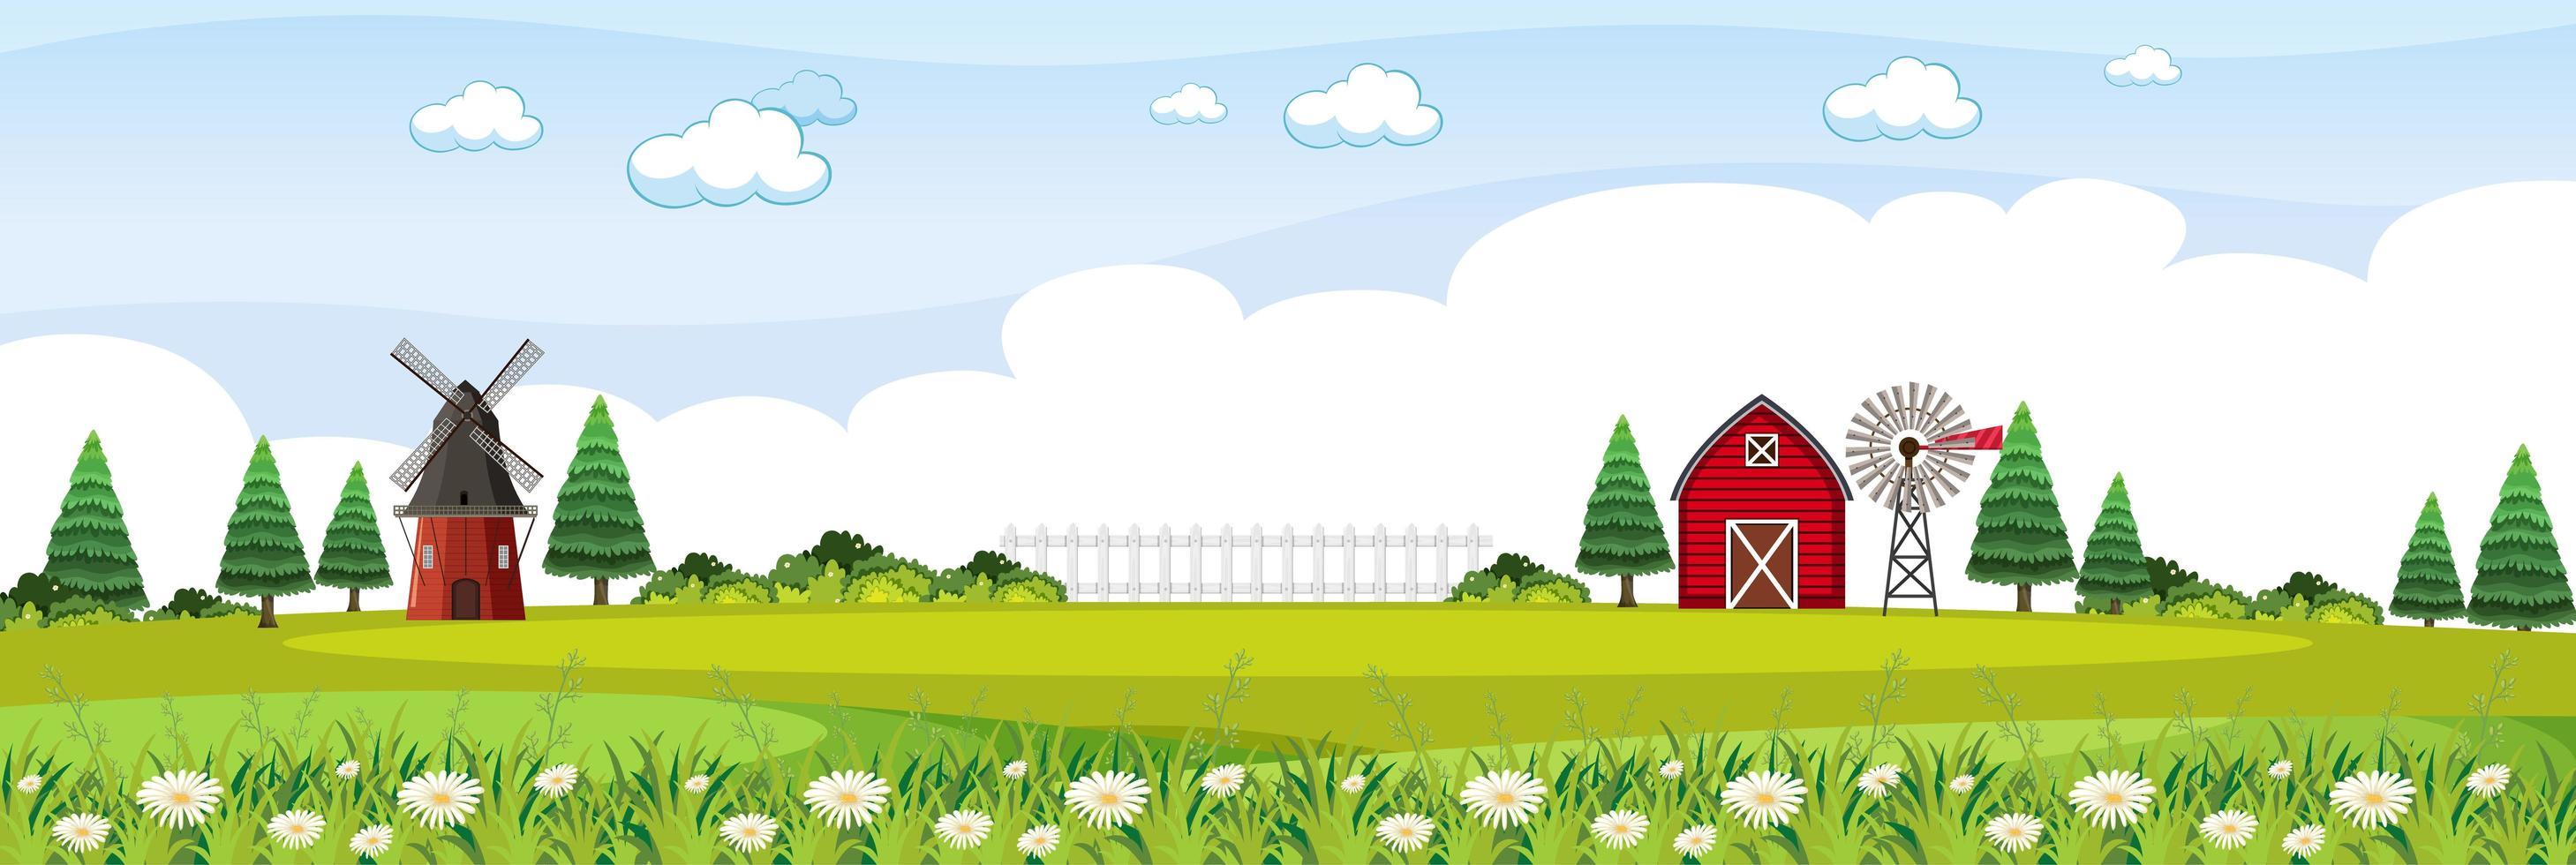 boerderijlandschap met rode schuur en windmolen in het zomerseizoen vector